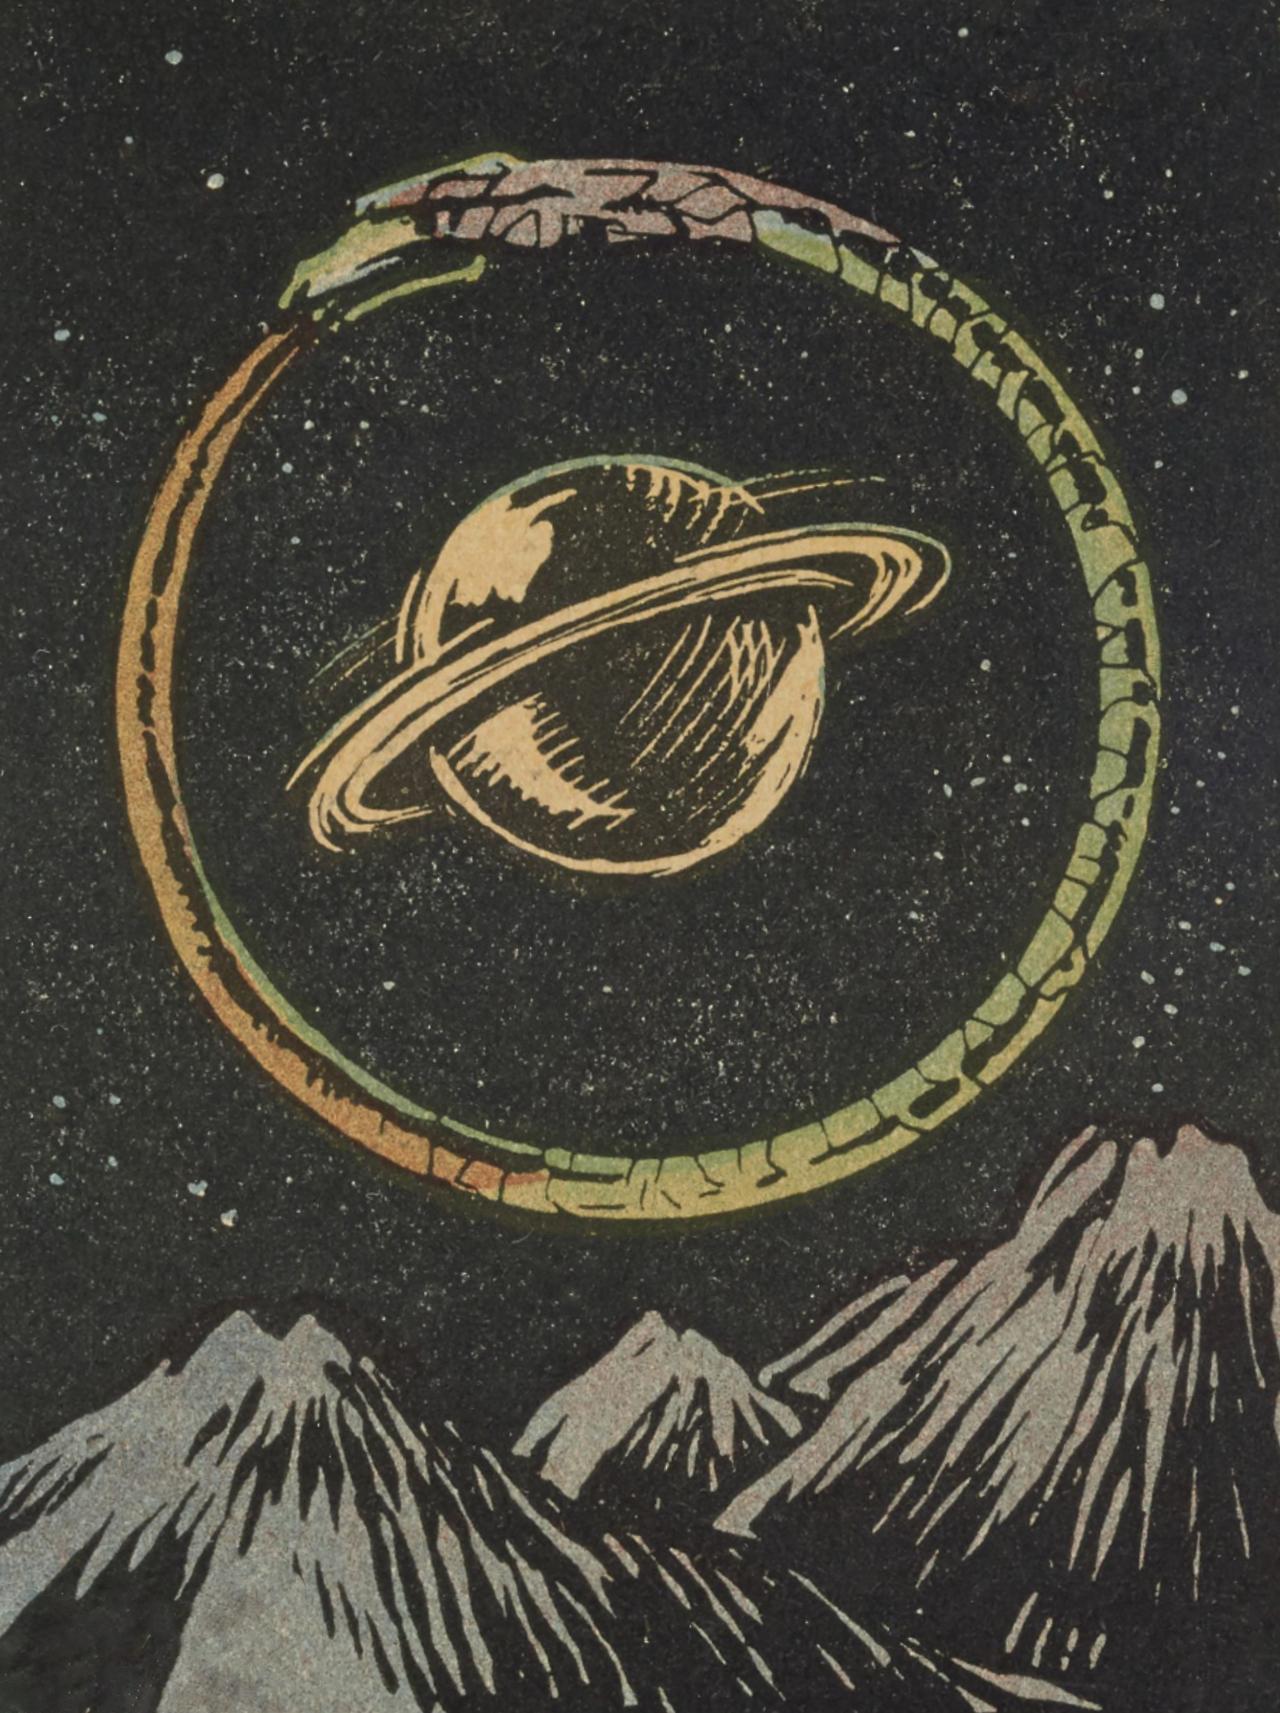 Clawmarks Jeu Dit De Tarot Astologique Henri Armengol Ouroboros Wall Prints Art